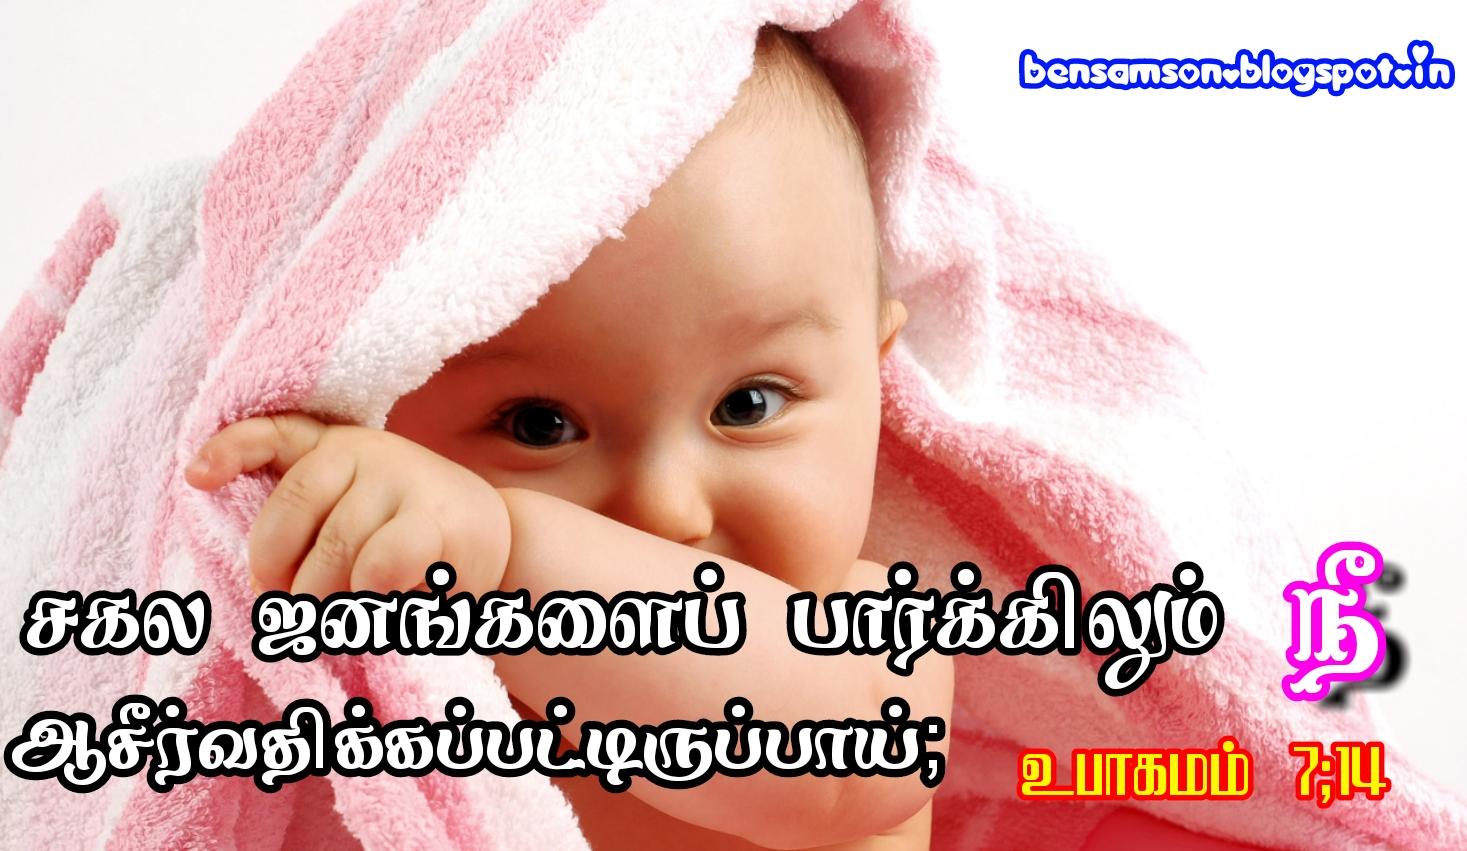 Bensamson Bens Tamil Christian Bible Verses Wallpapers Backgrounds By Bensamson Bens Eden Jeba Aalayam